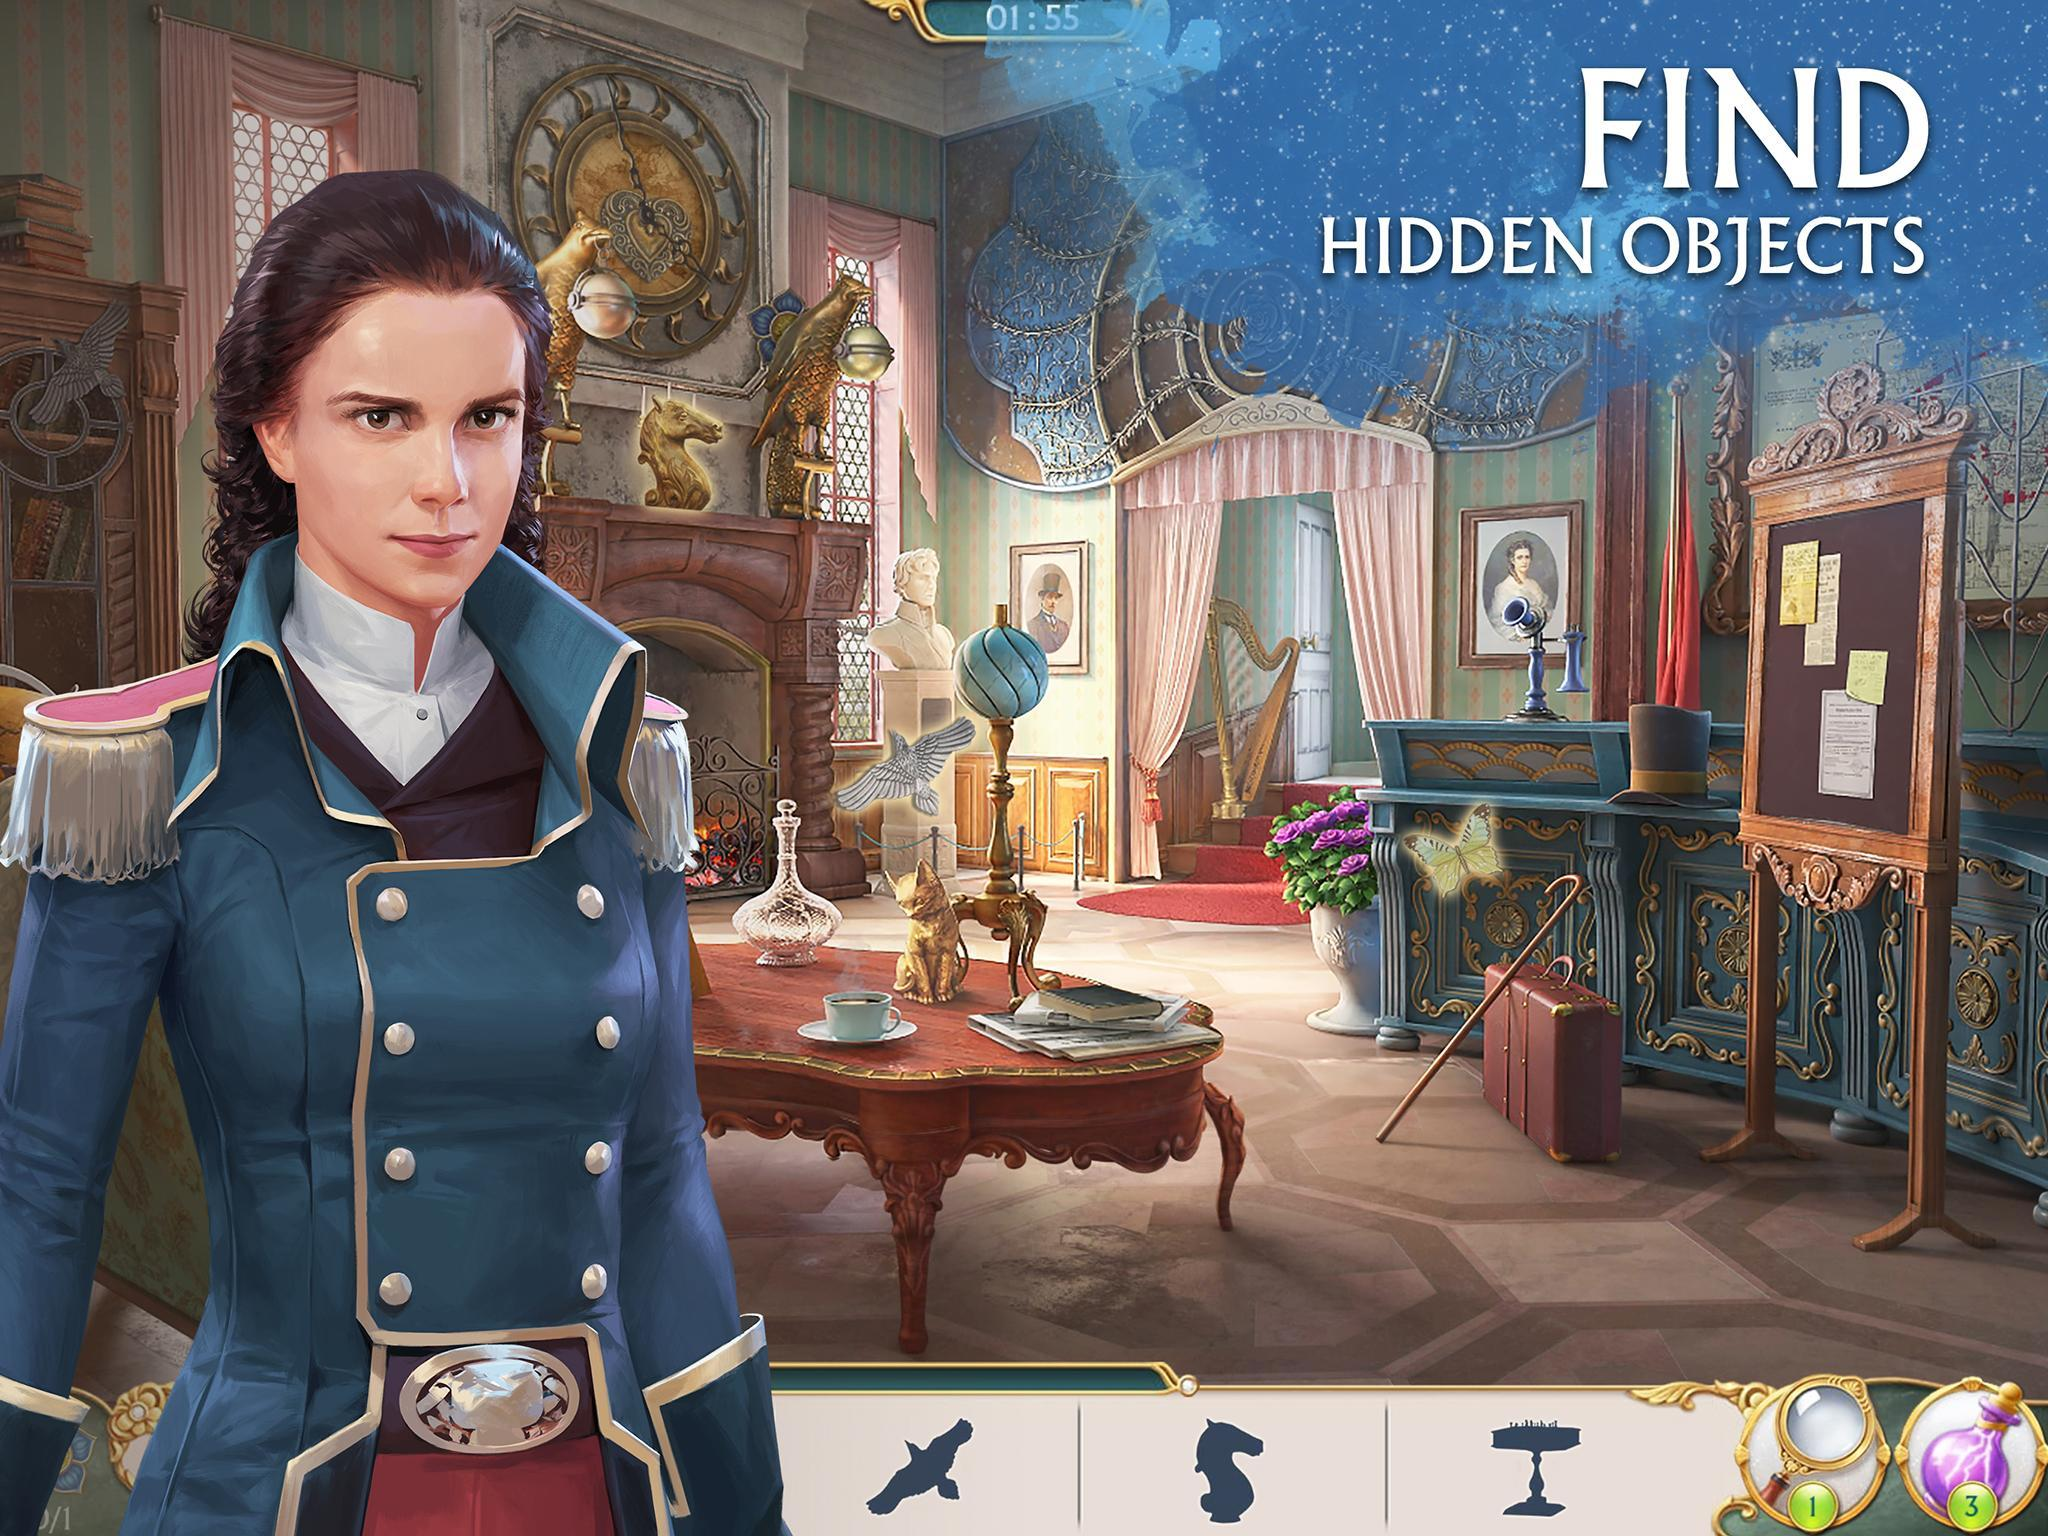 Ravenhill®: Hidden Mystery - Match-3 with a Story 2.21.1 Screenshot 11